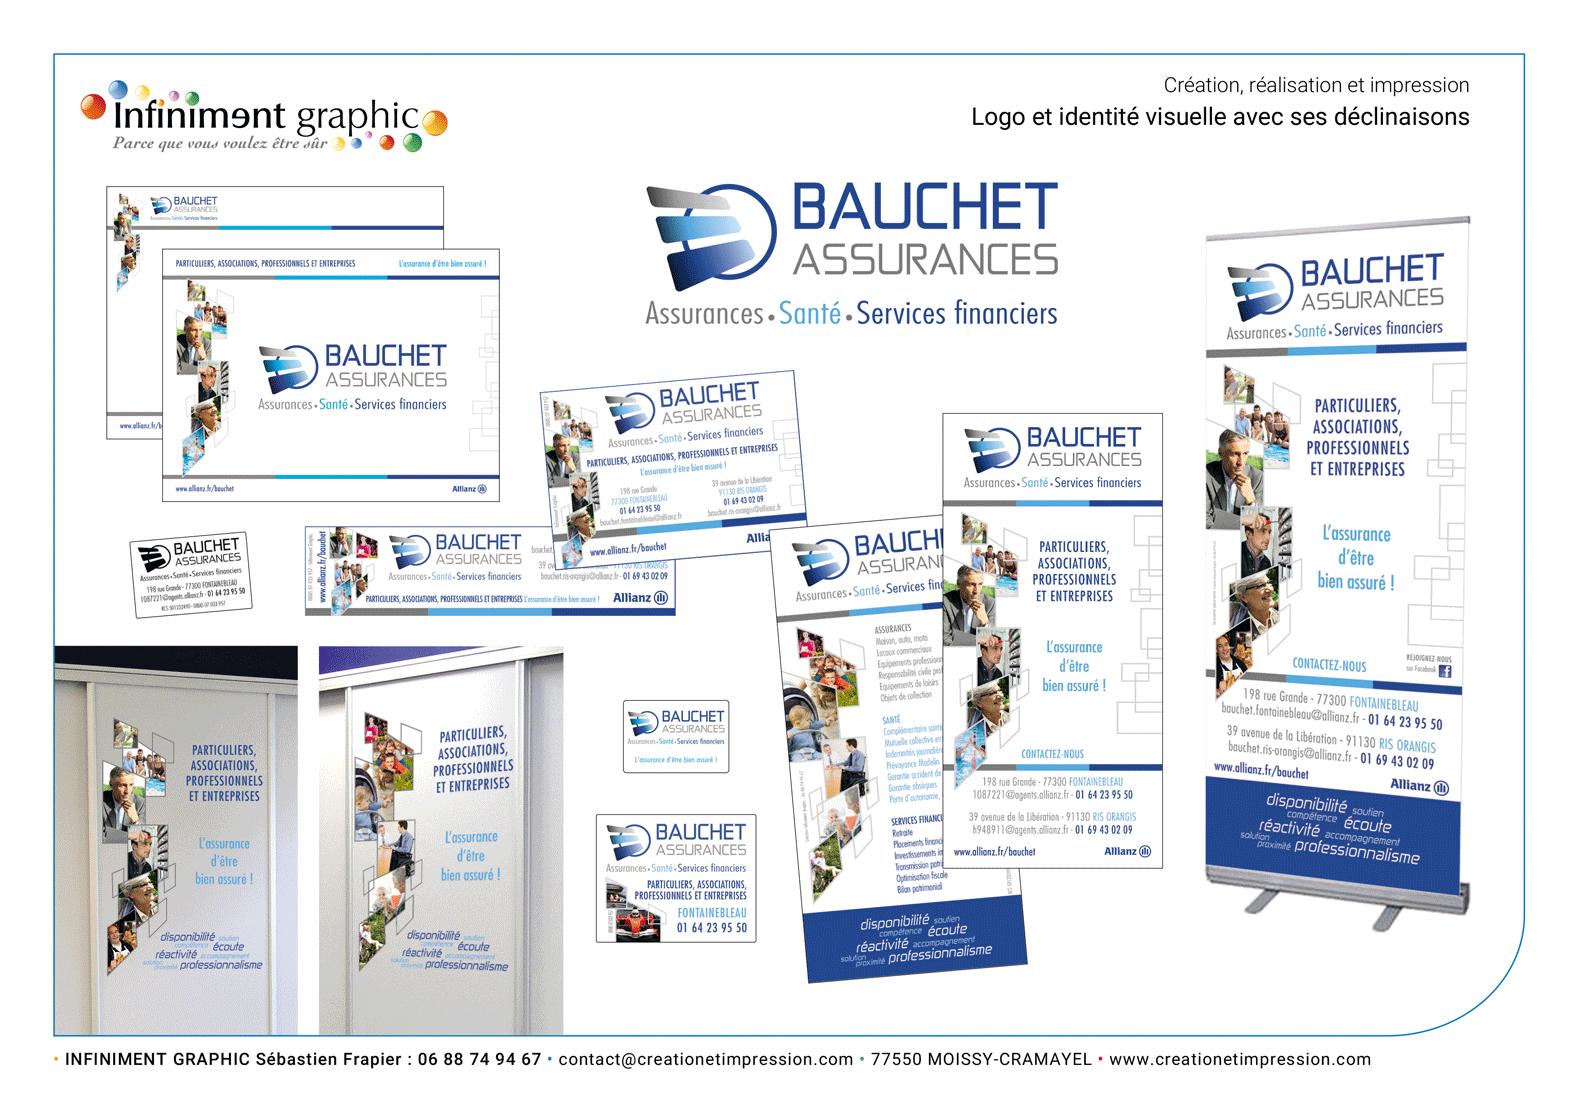 Bauchet Assurances Logo Flyers Présentation PP Publicités Roll'up